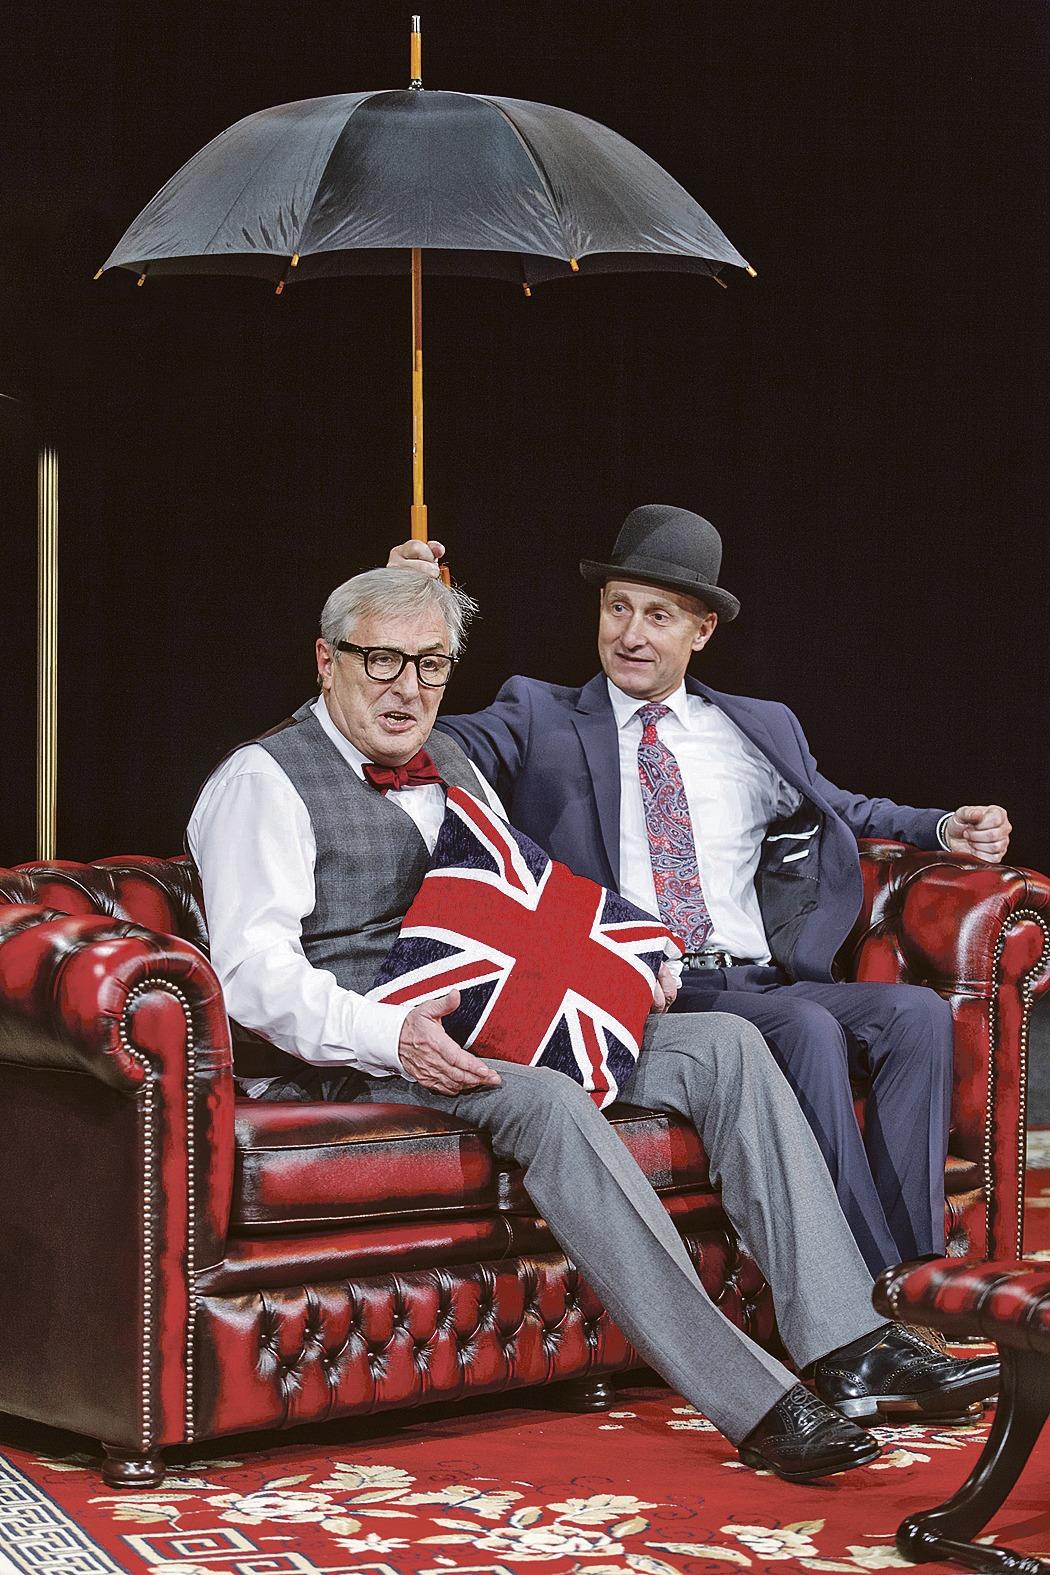 S Karlem Heřmánkem v komedii Jistě, pane premiére, kterou uvádí Divadlo Bez zábradlí.